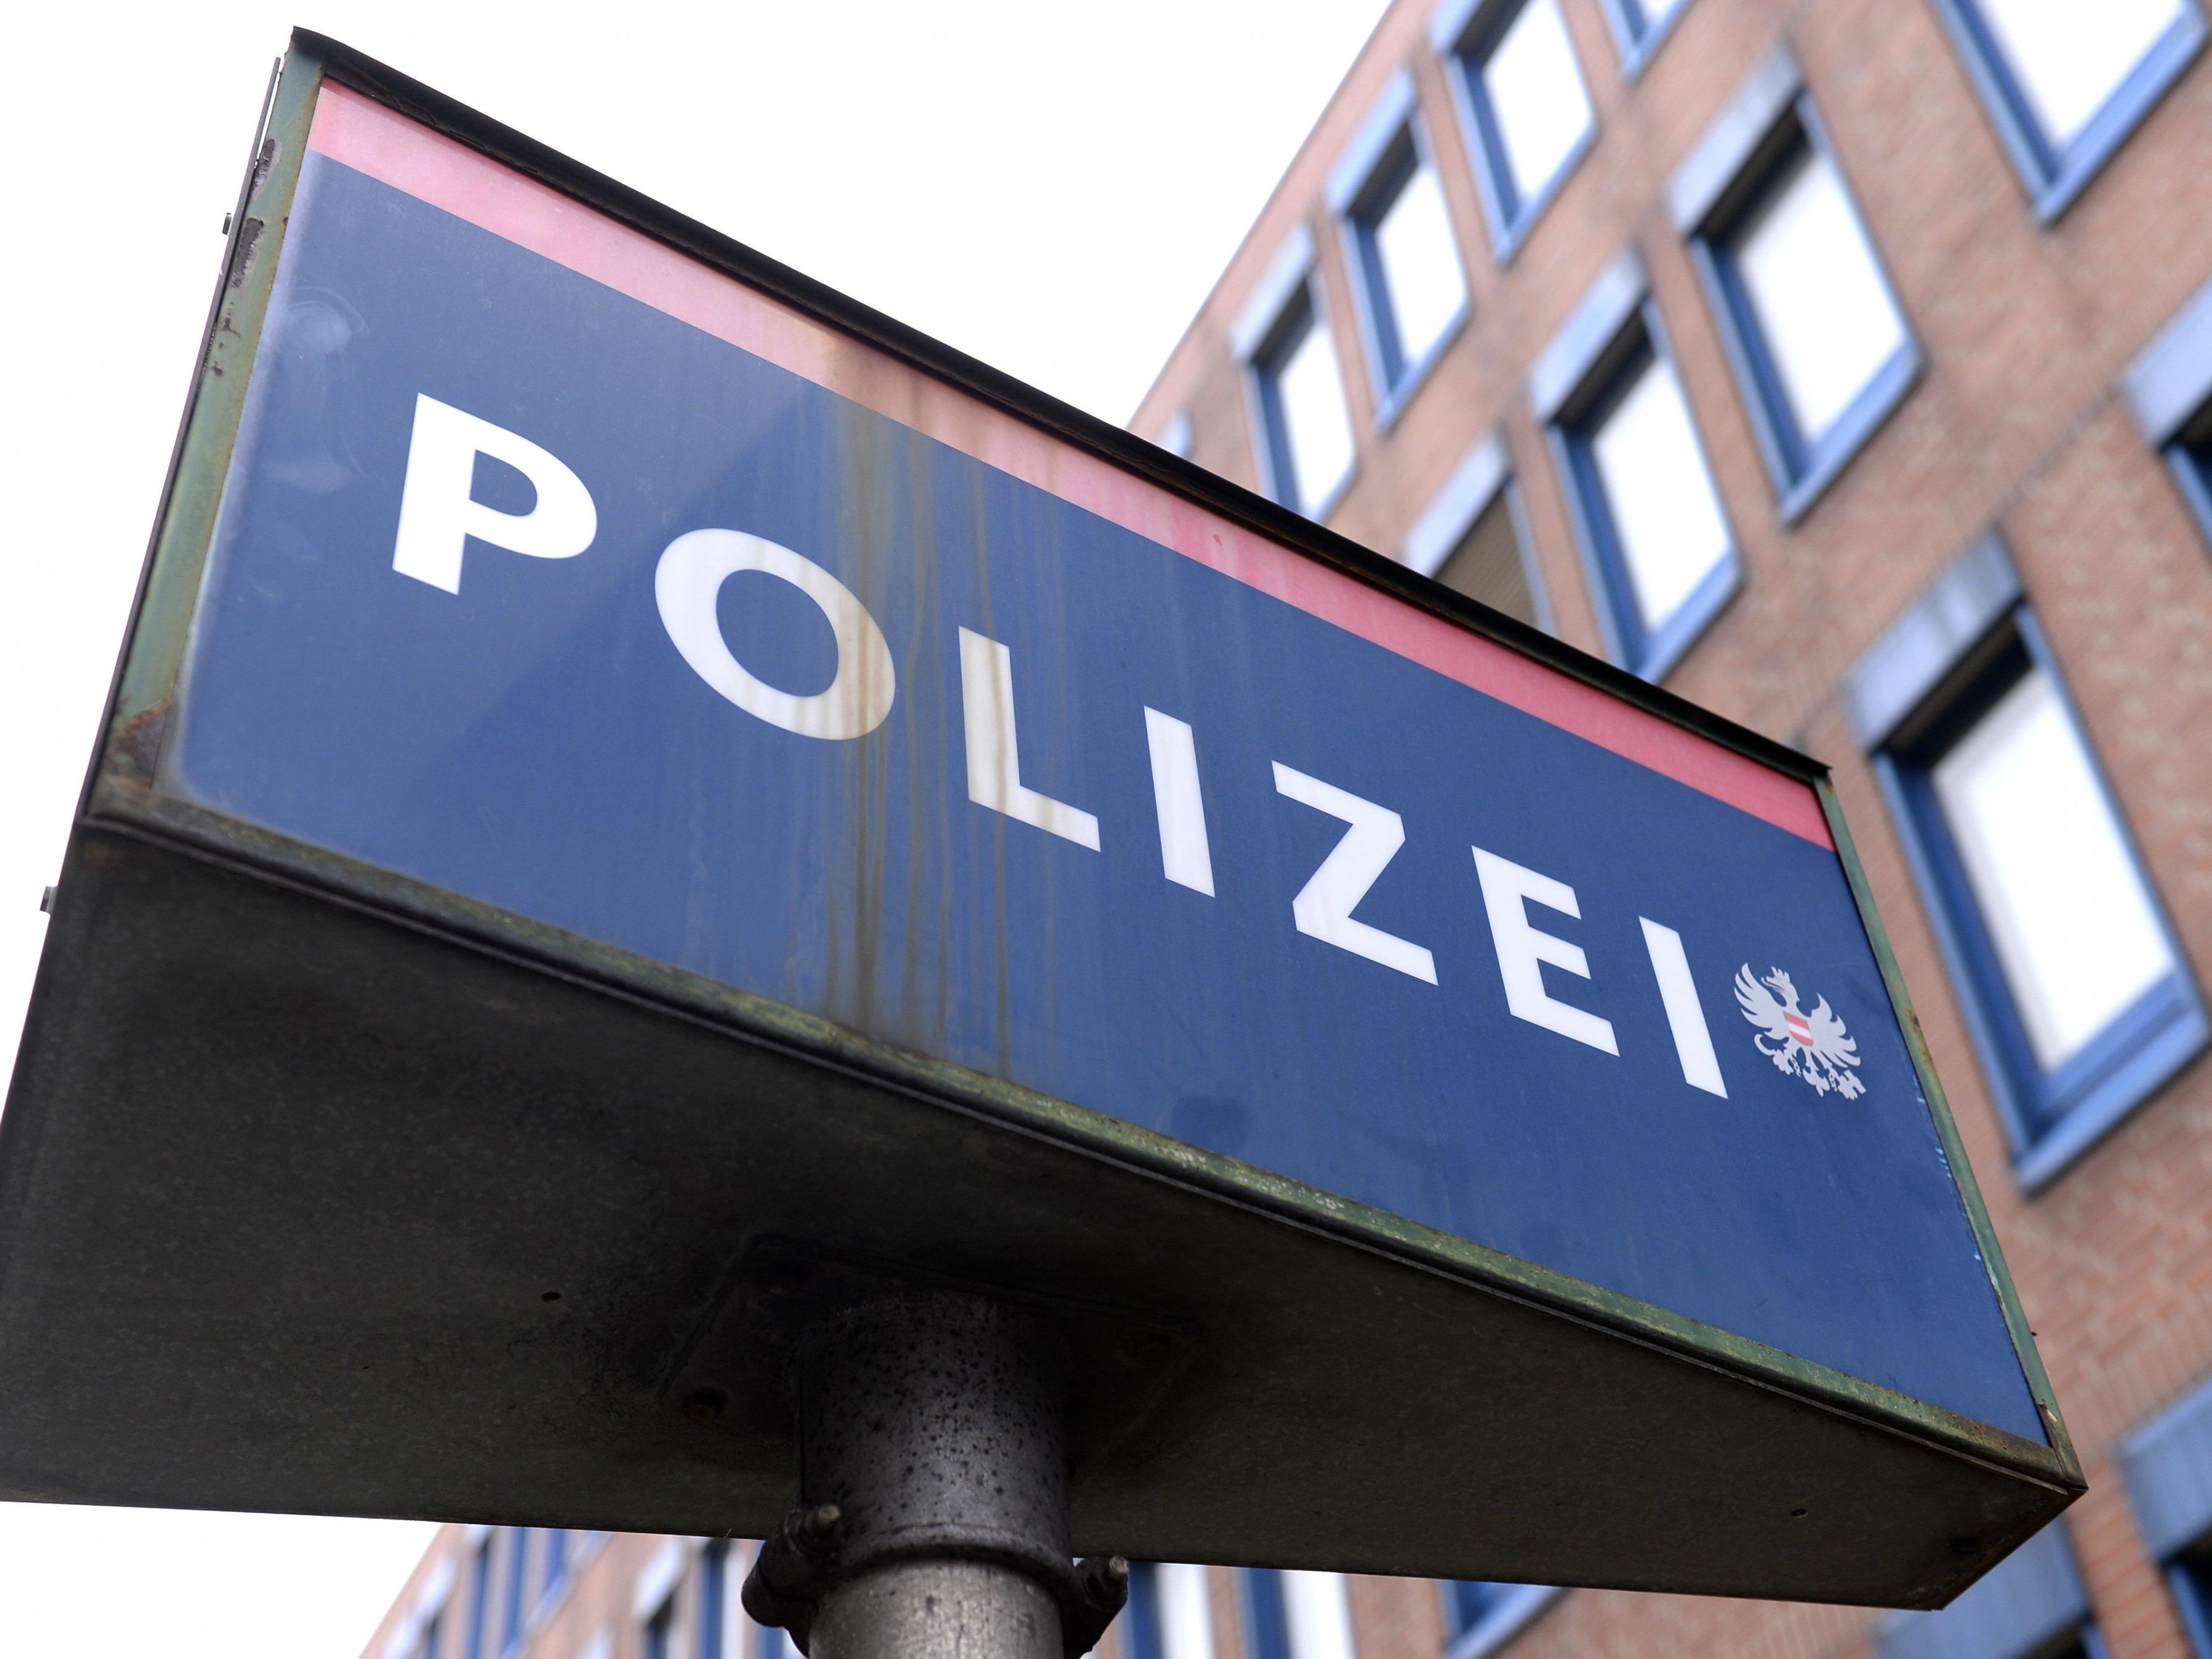 Der 46-Jährige gab sich als Polizist aus und wurde nun verurteilt.